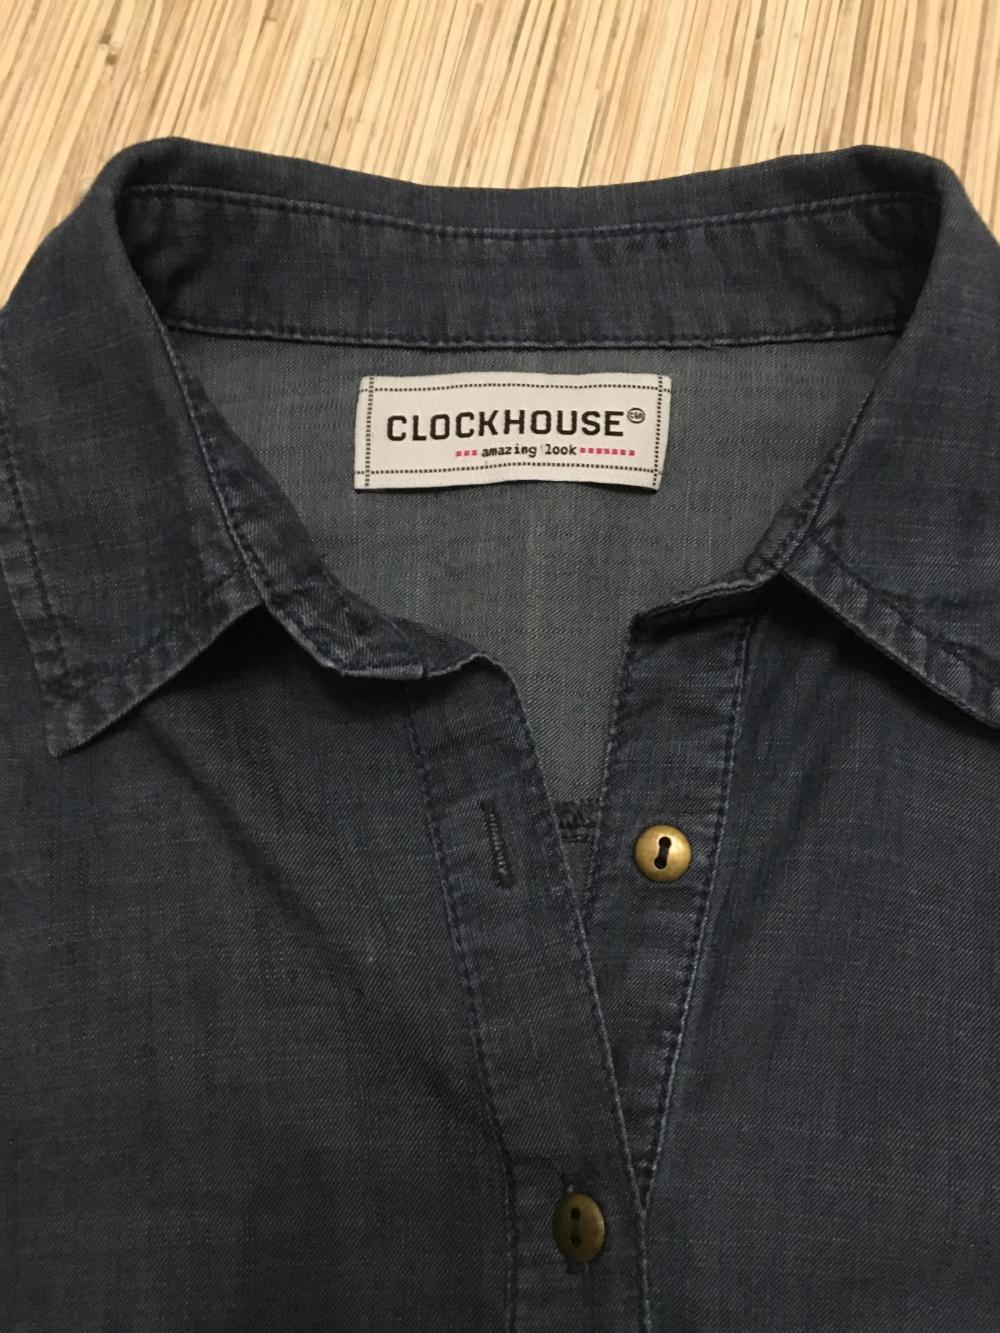 Комплект рубашка Clockhouse, размер М+юбка Moods of Norway, размер S/